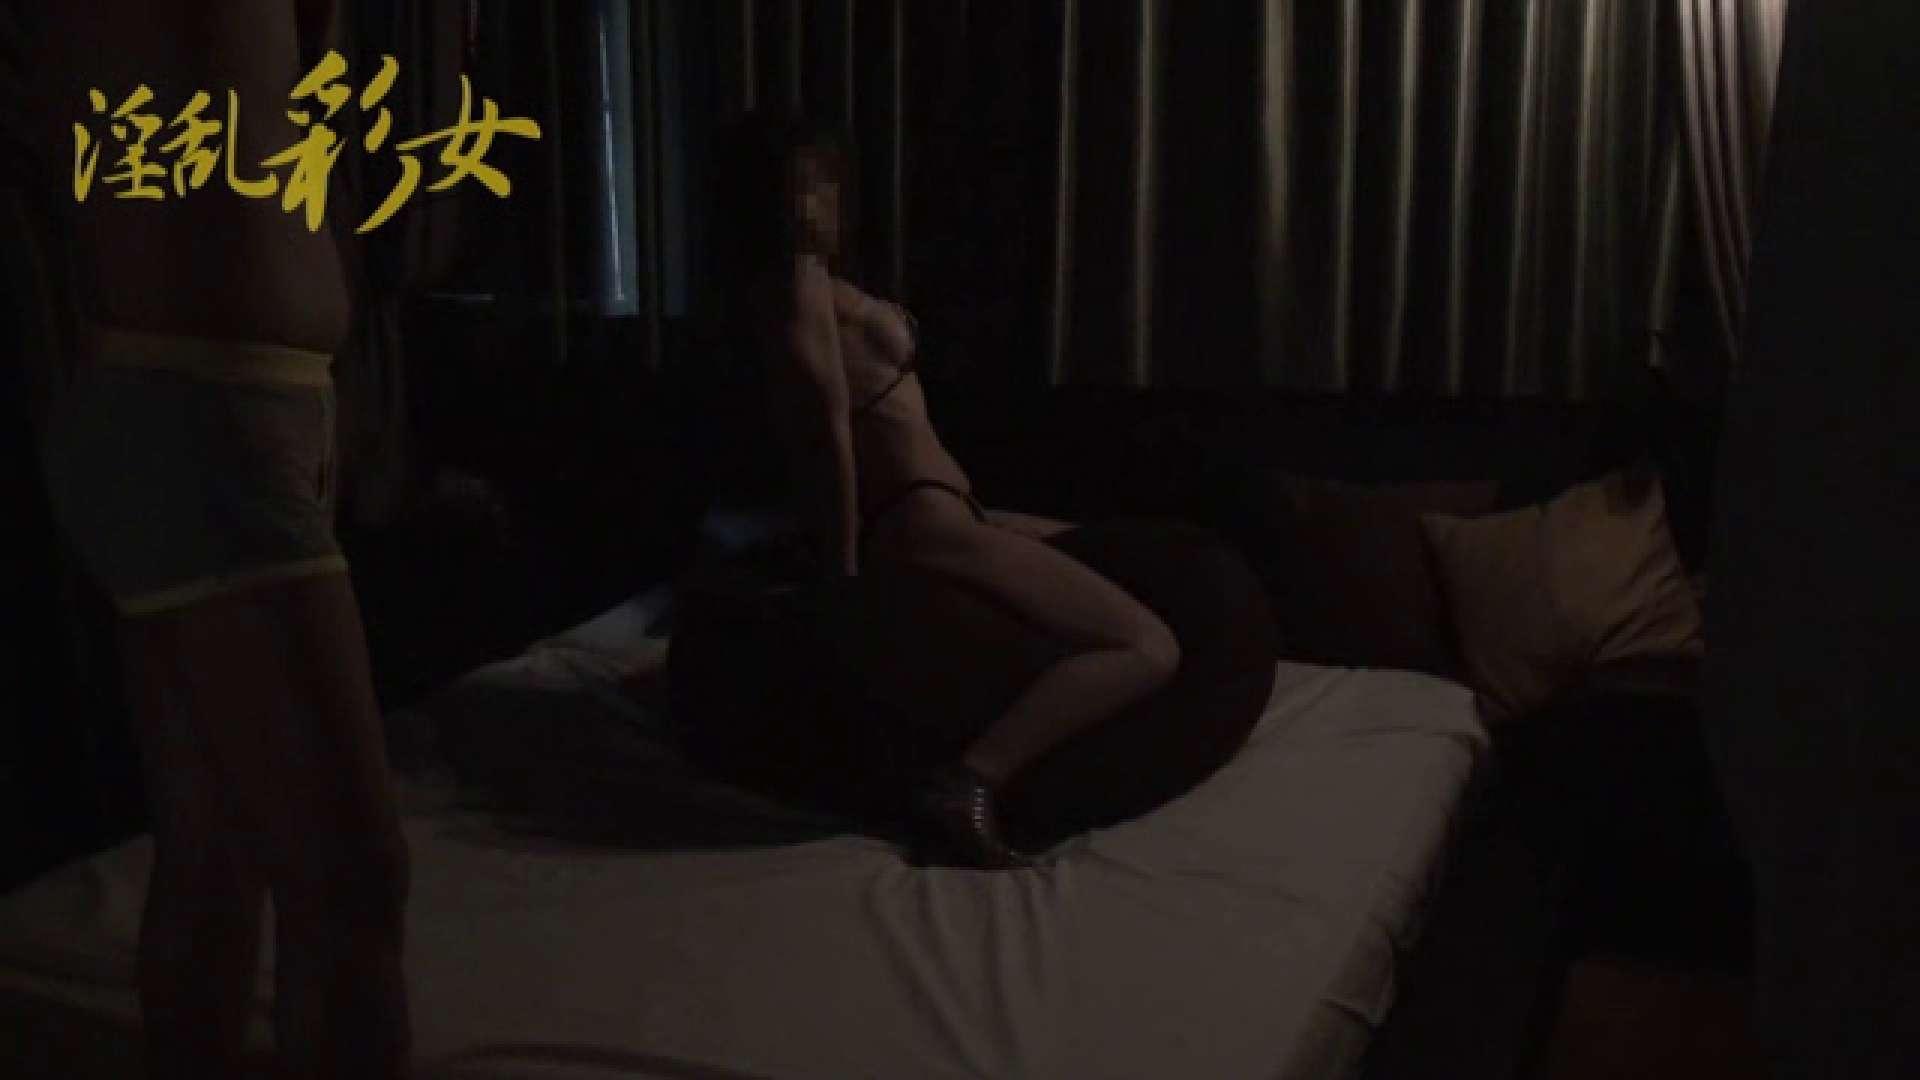 淫乱彩女麻優里 36歳単独さん 他人棒 | 一般投稿  77画像 3